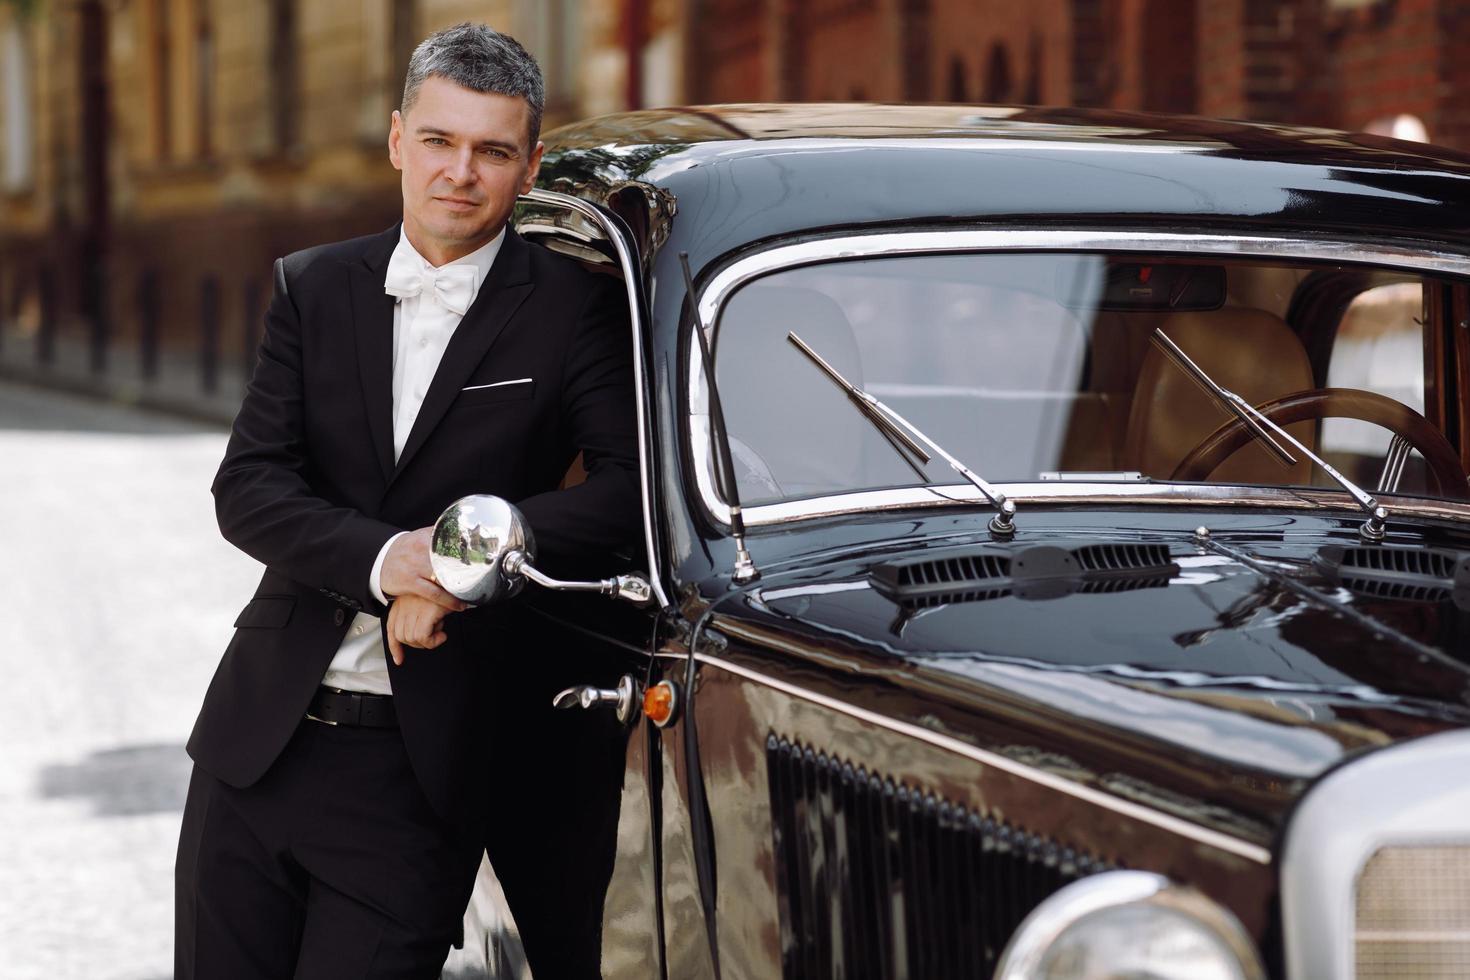 Beau marié en smoking noir pose devant une voiture rétro noire photo